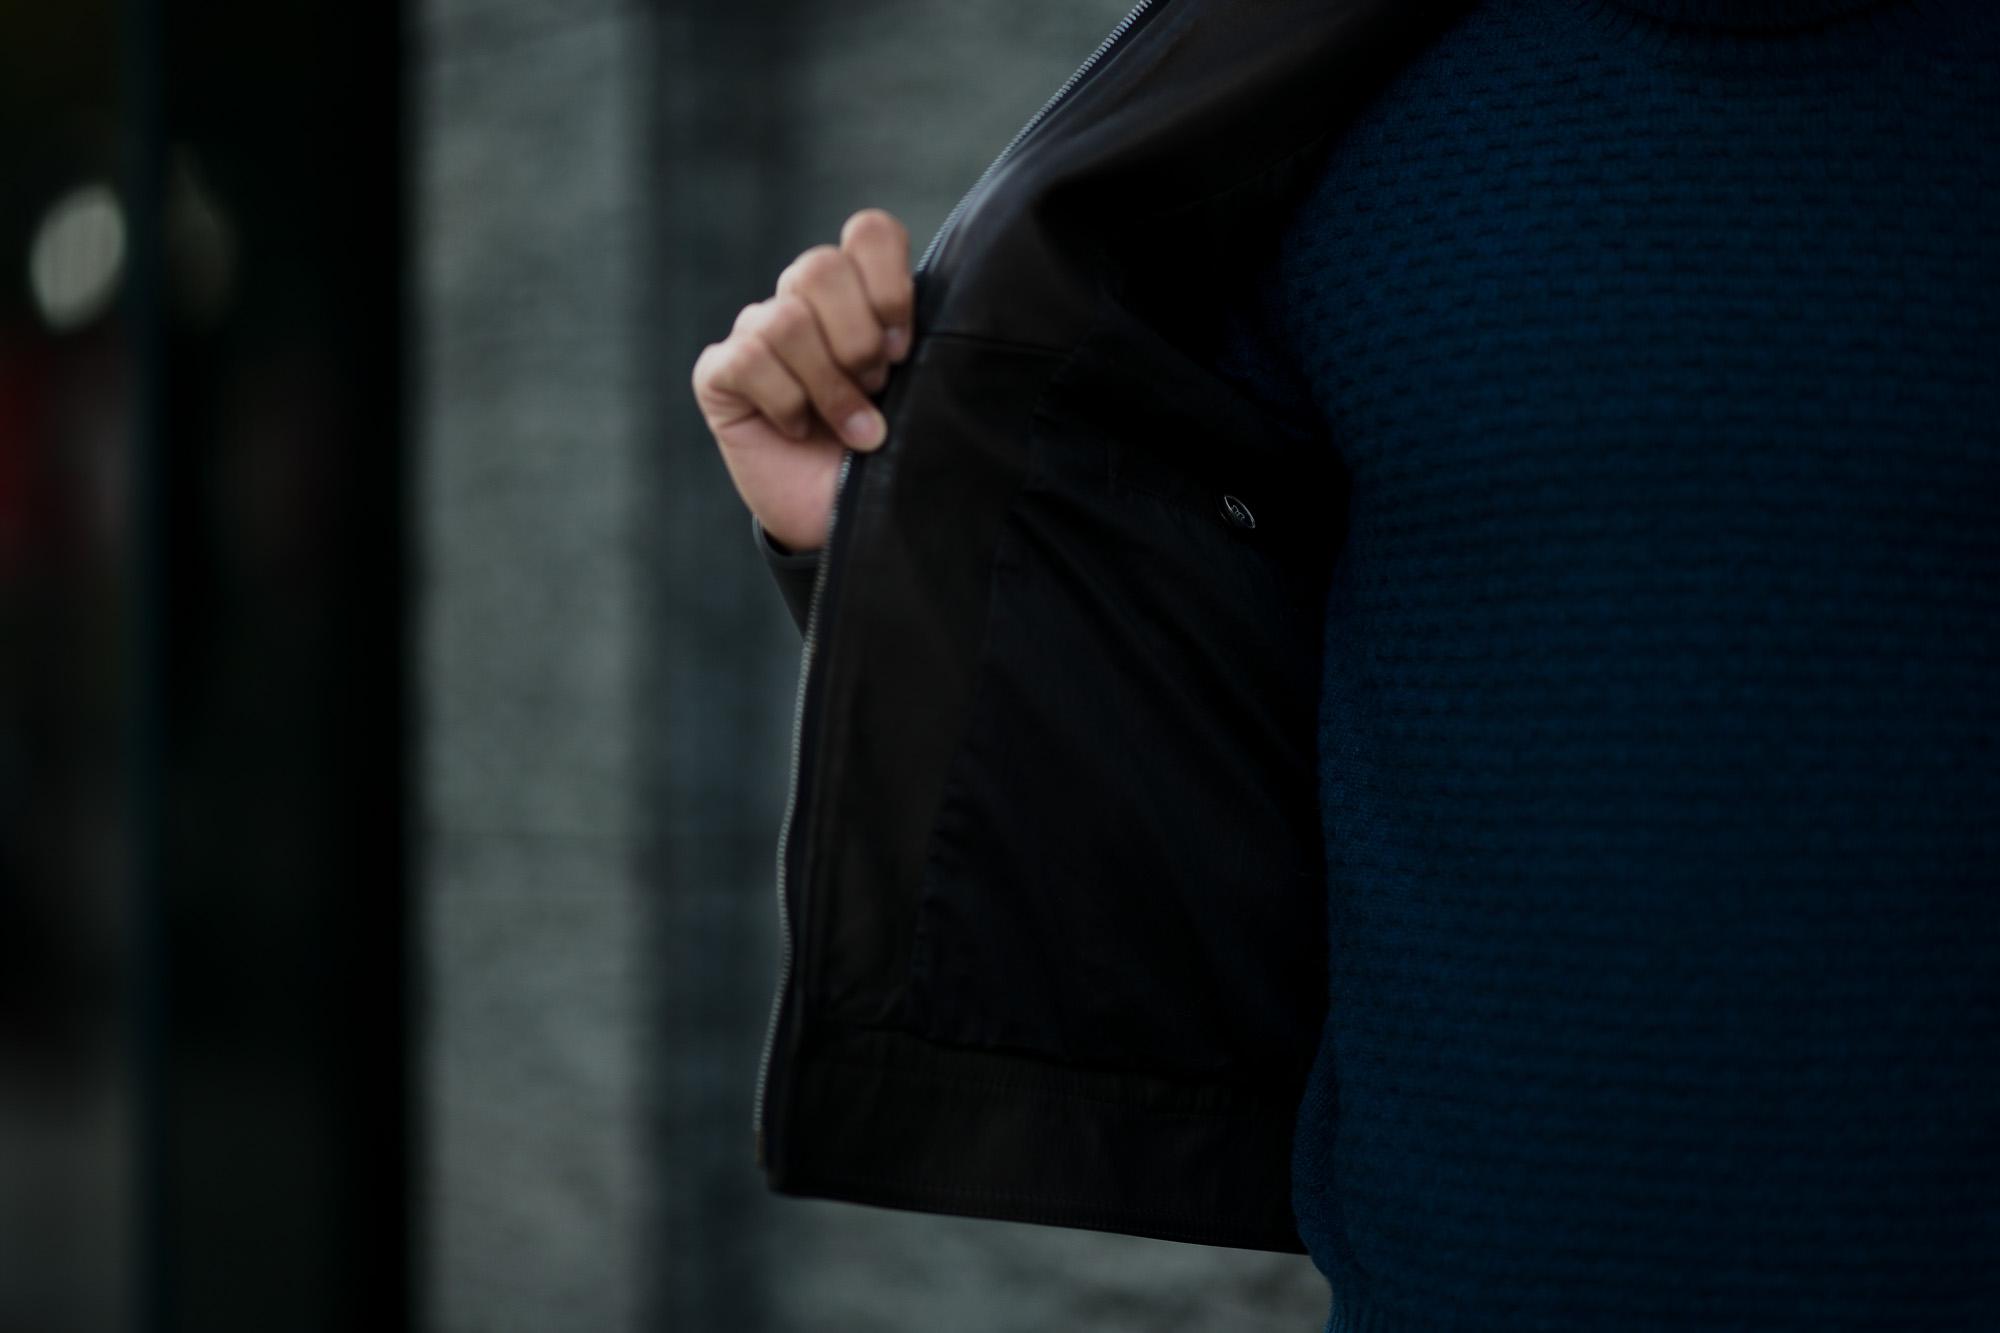 EMMETI(エンメティ) JURI(ユリ) Lambskin nappa Leather シングルライダース レザージャケット NERO (ブラック) made in italy (イタリア製) 2019 春夏【2019年春夏第1便ご予約開始】 愛知 alto e diritto アルトエデリット altoediritto 干場さん 干場着 ユーリ